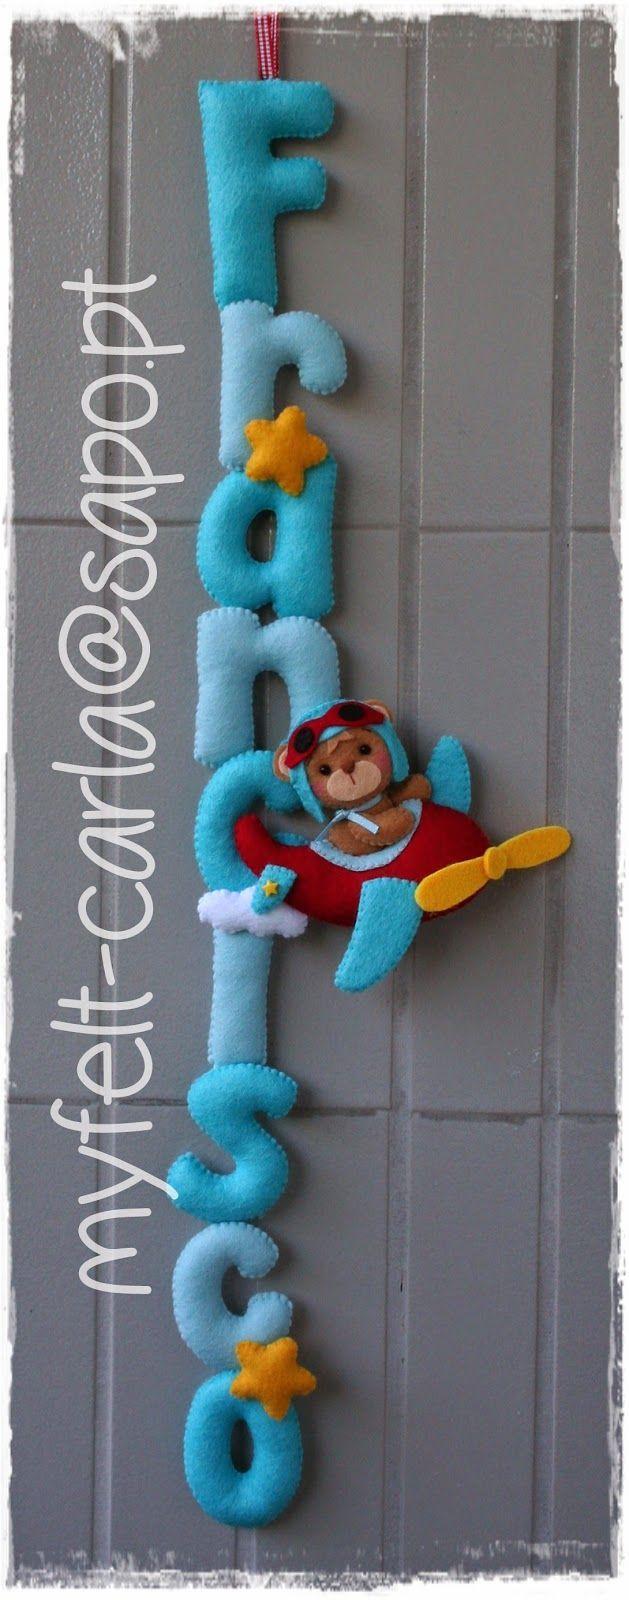 Ideas de fieltro para decorar la habitación de los peques   Decorar tu casa es facilisimo.com